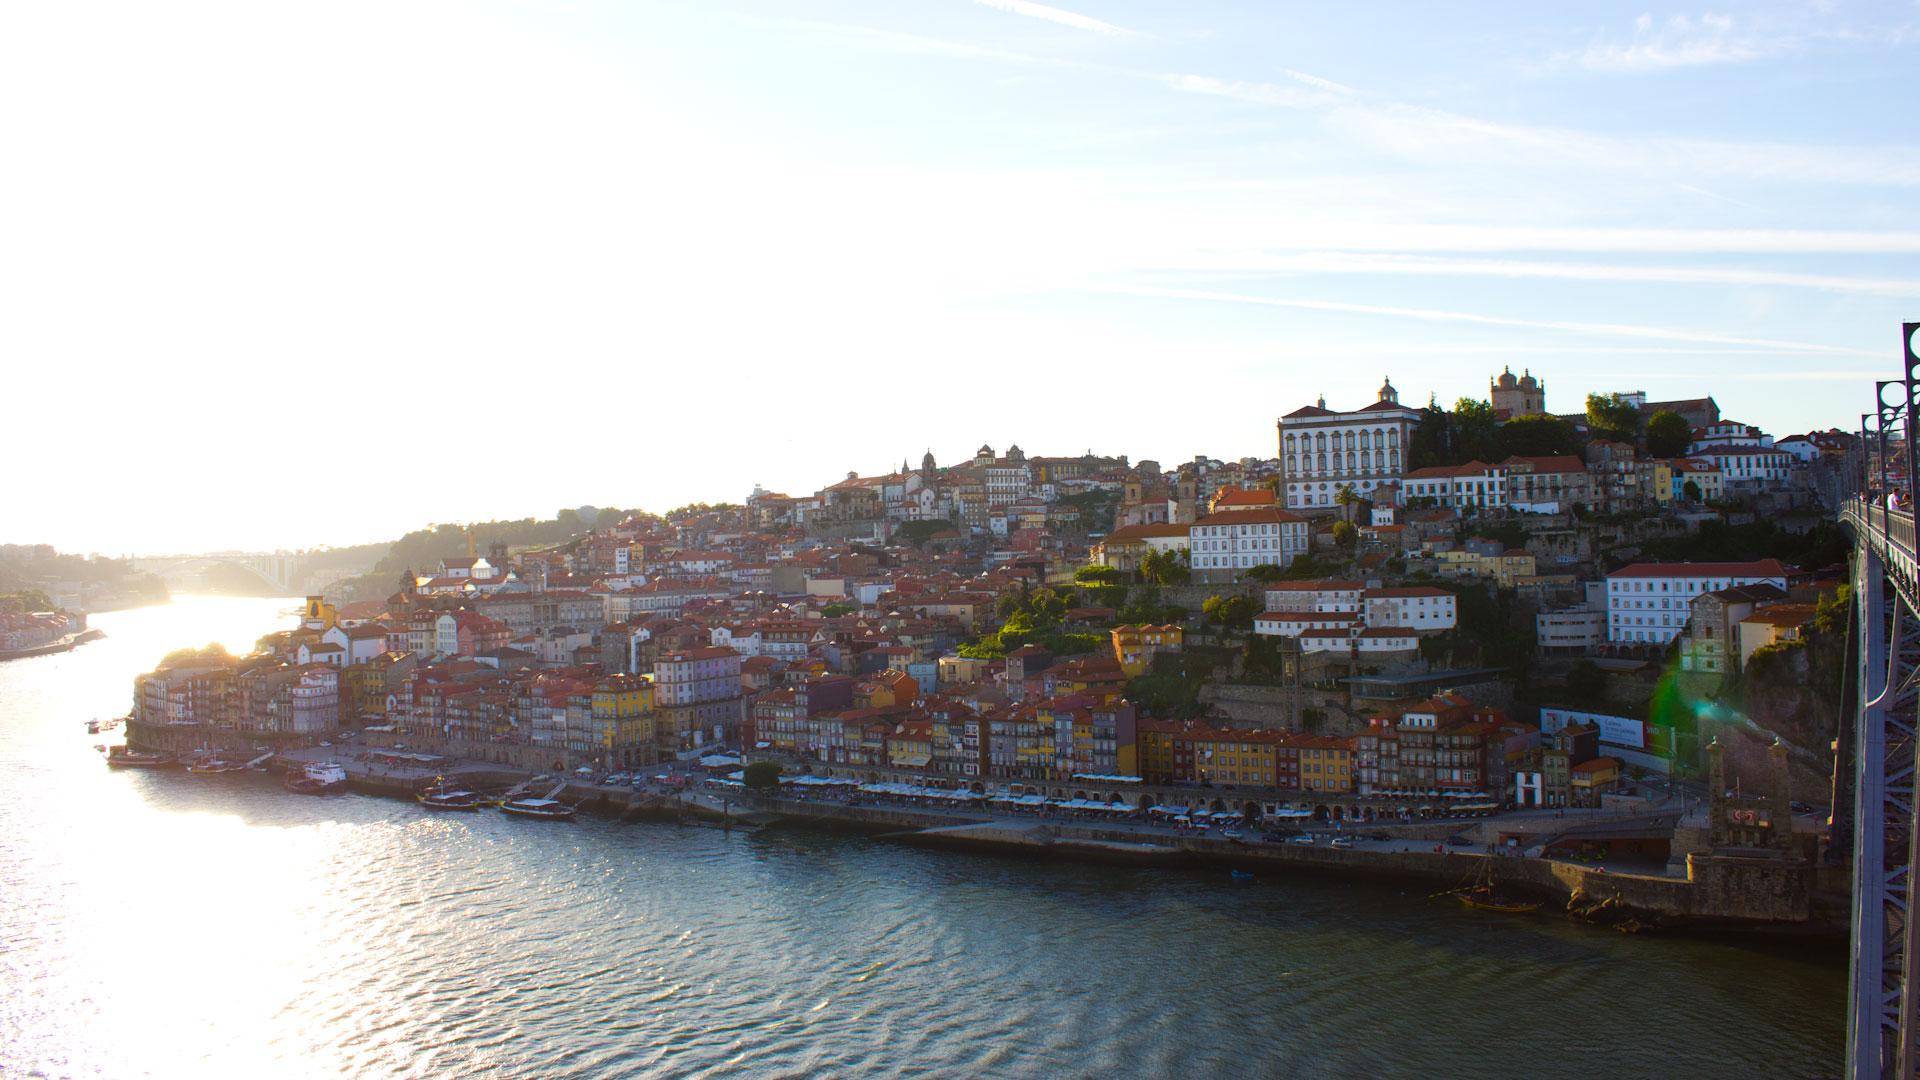 Porto UNESCO heritage